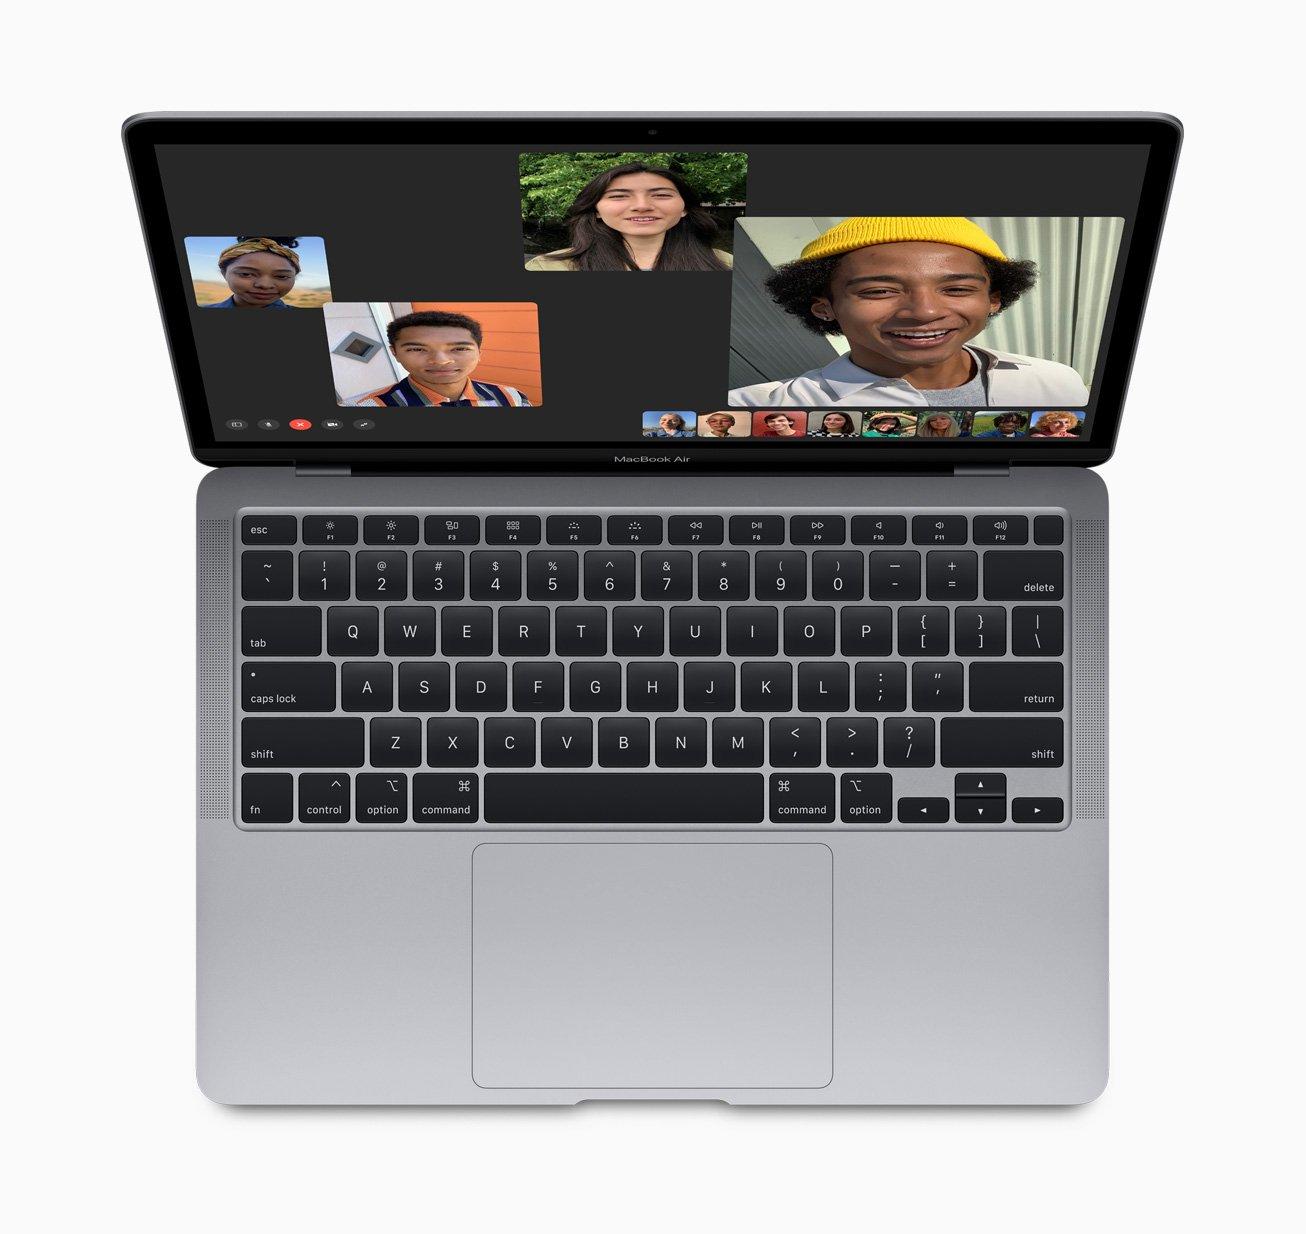 MacBook Air - Image Credit: Apple